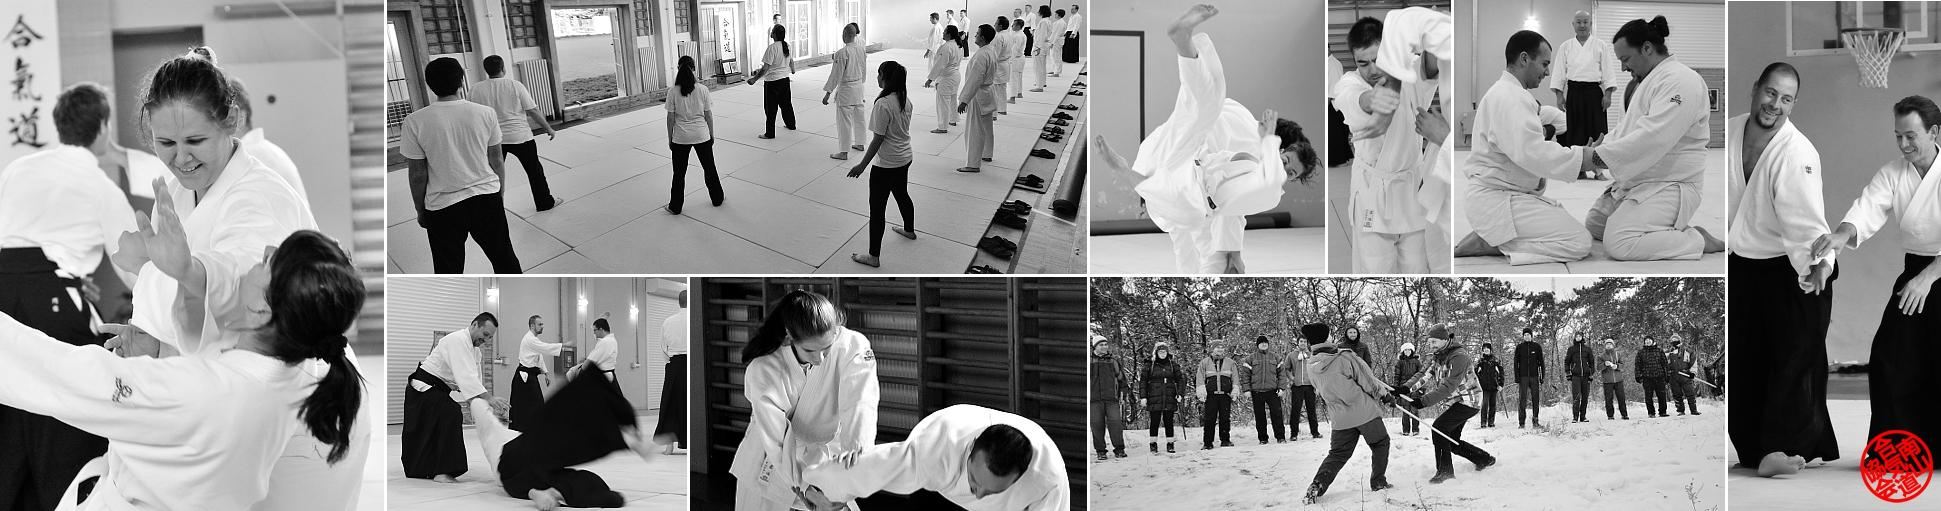 Csatlakozz remek hangulatú csapatunkhoz, próbáld ki az aikidót egy hónapig ingyen! 2016 őszén kezdőcsoportot indítunk, várunk minden érdeklődőt. Részletek itt.